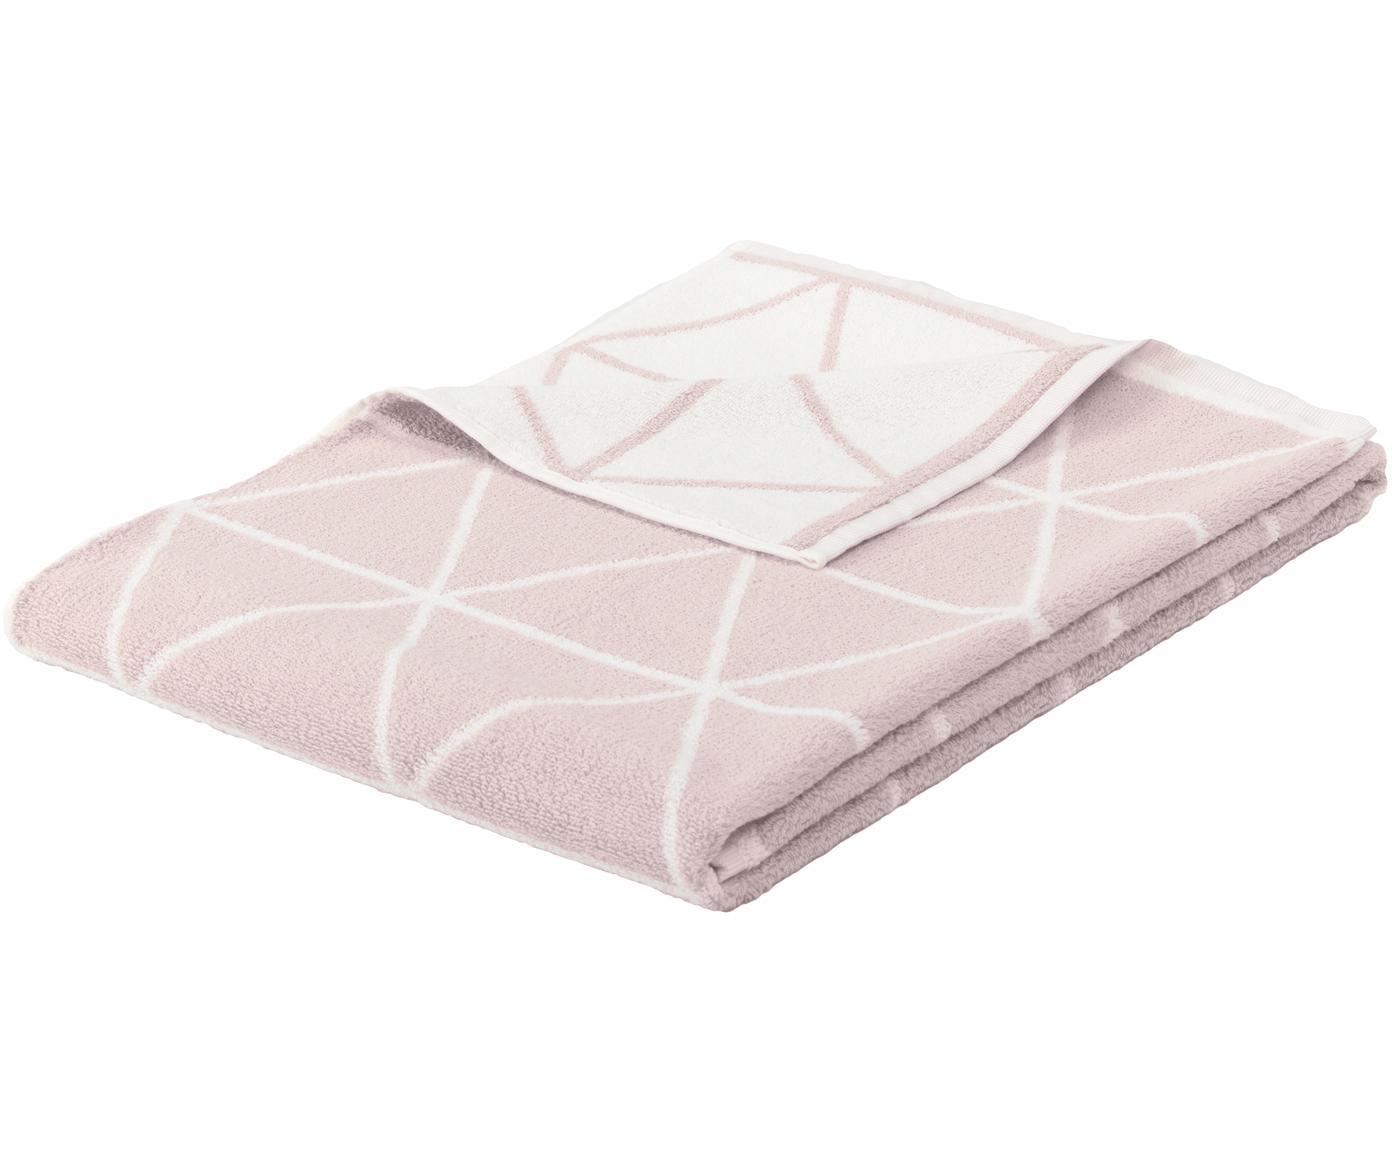 Wende-Handtuch Elina mit grafischem Muster, Rosa, Cremeweiß, Handtuch